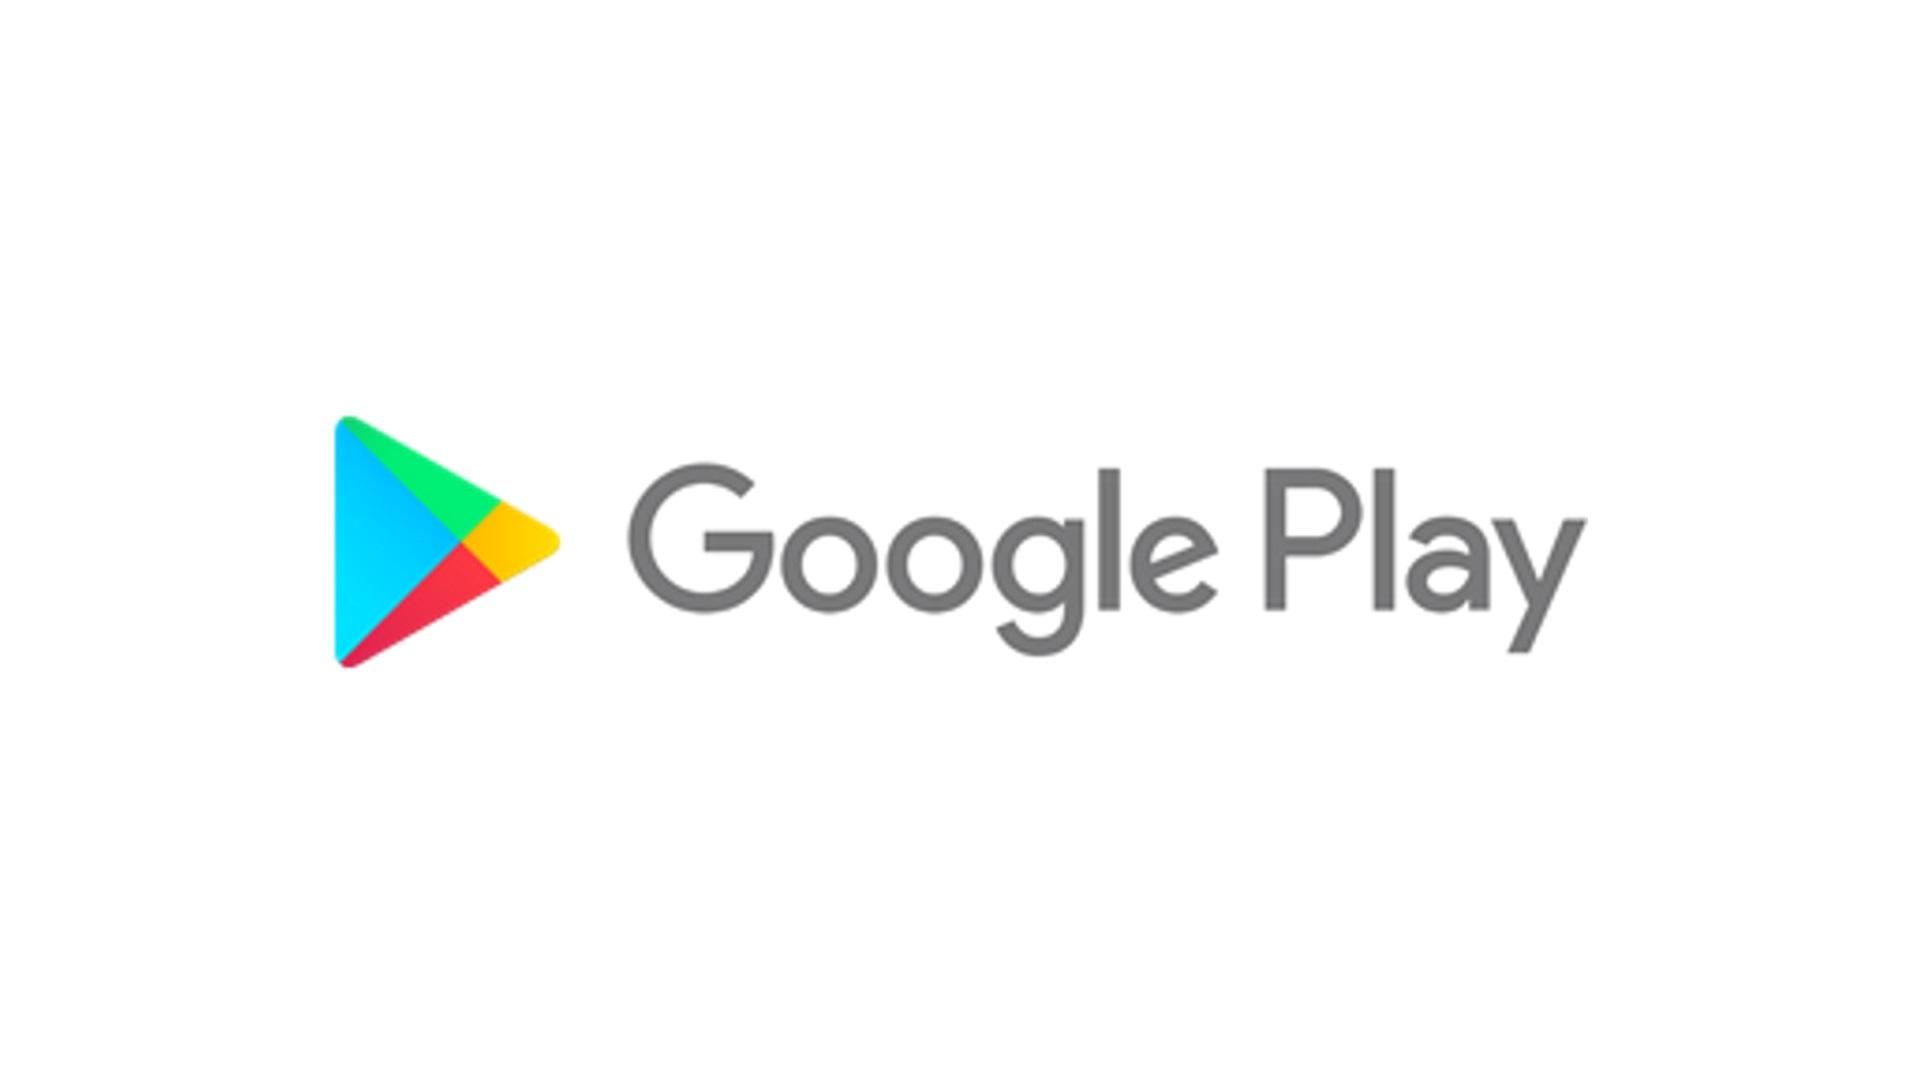 Google Playで講談社の電子書籍やマンガが無料で読めるキャンペーン開催中